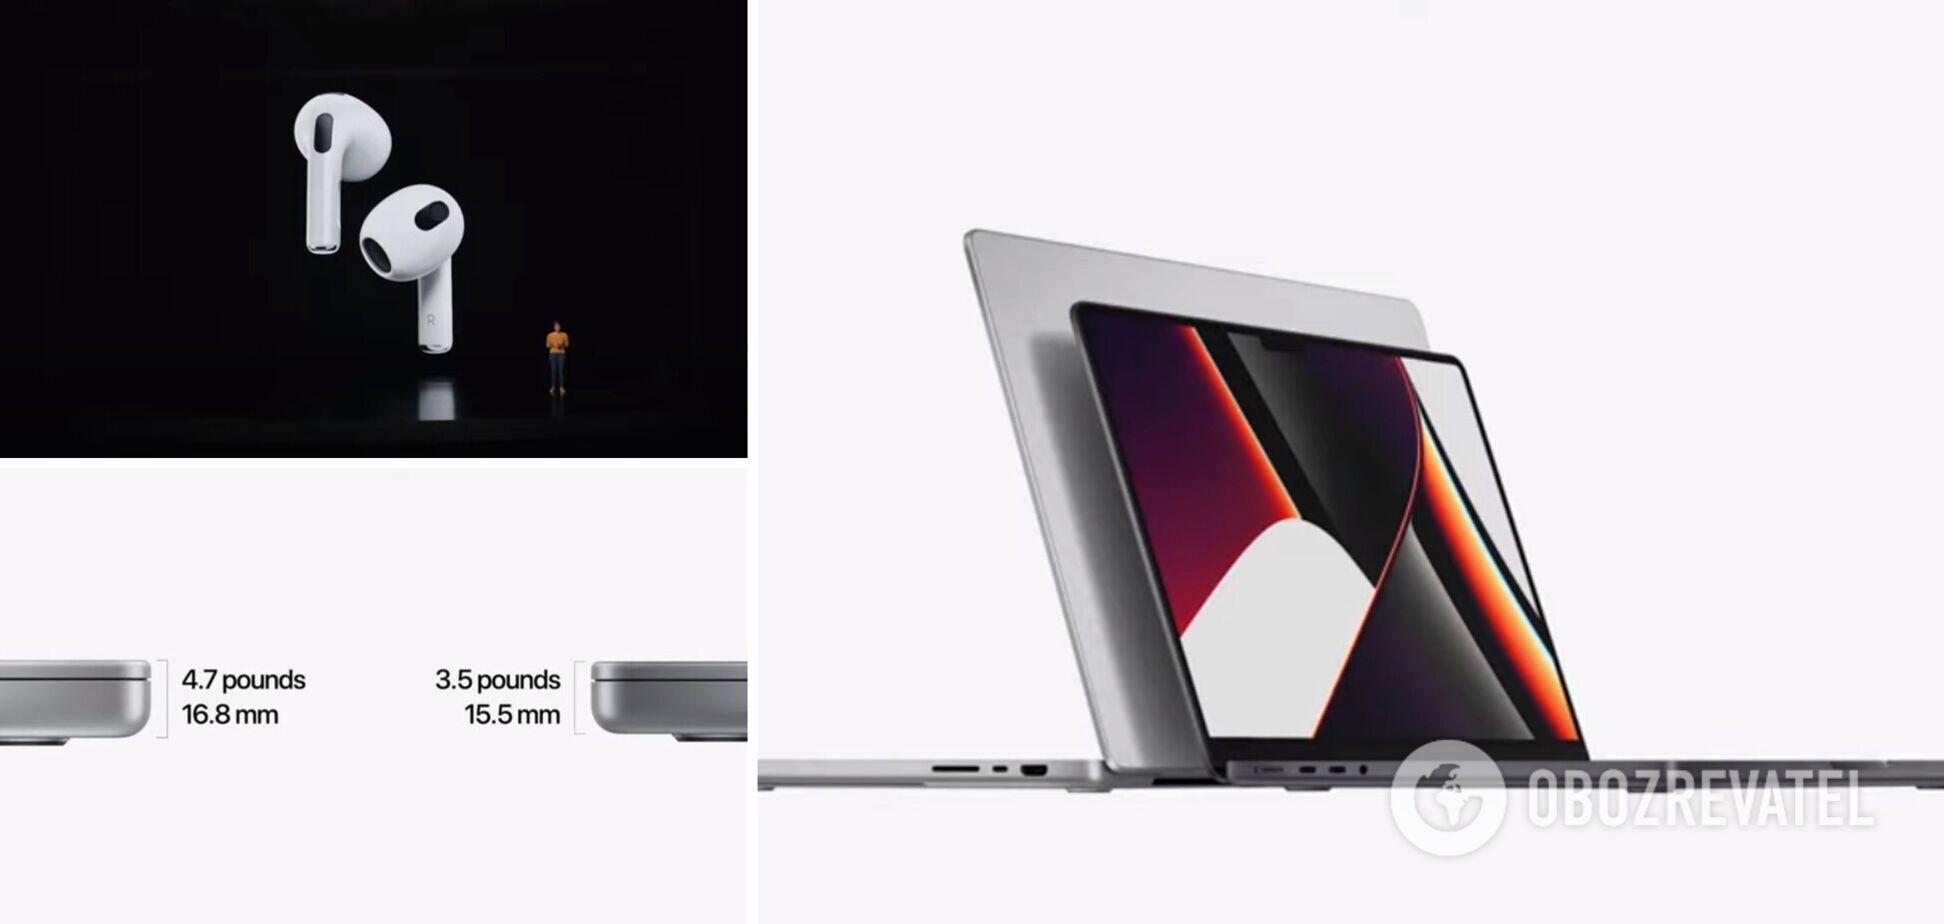 Apple презентовала MacBook Pro нового поколения и новые AirPods. Фото